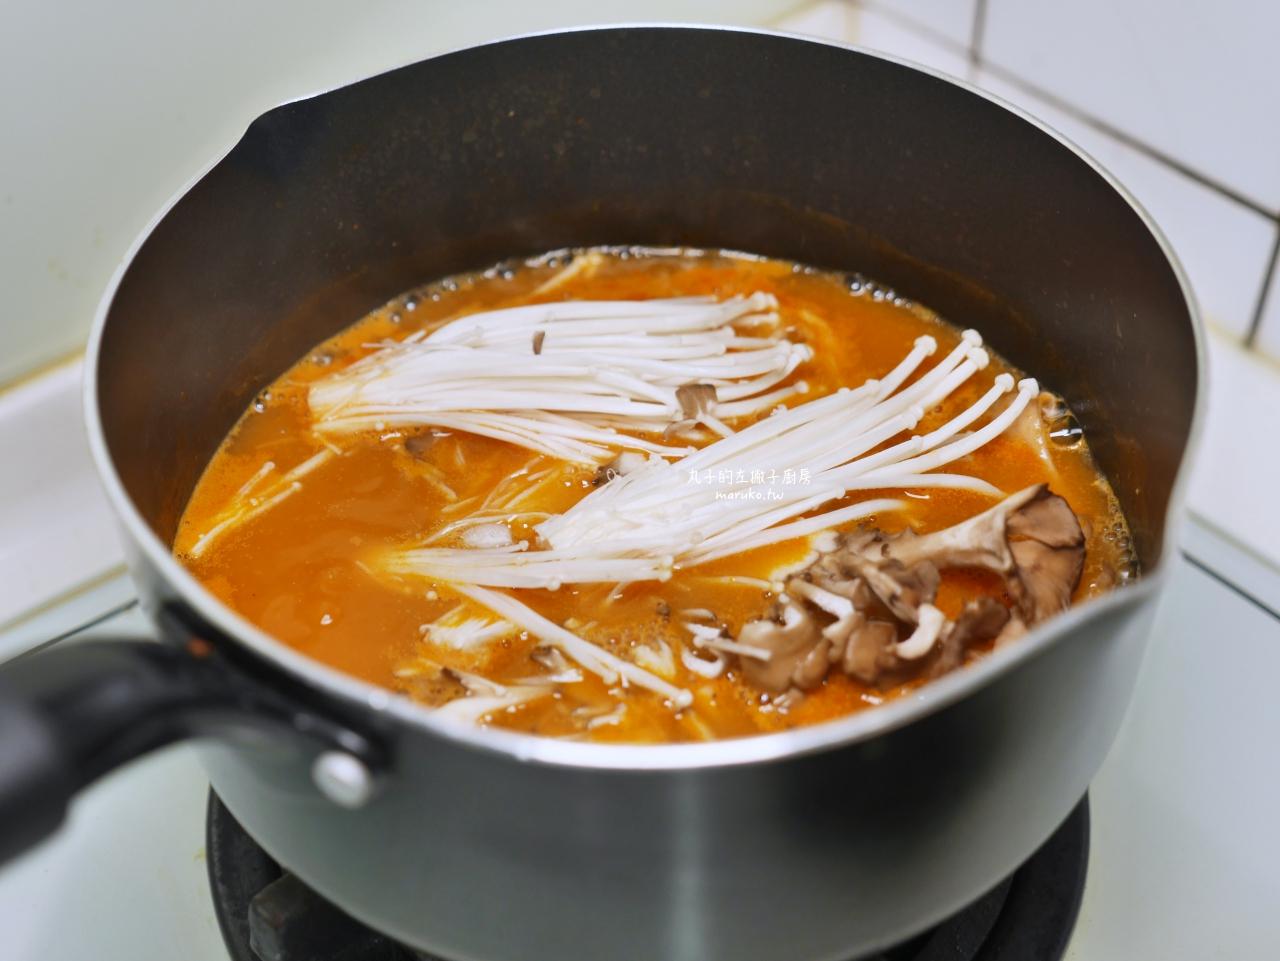 【食譜】三種馬鈴薯創意食譜 金色三麥被餐酒館耽誤的湯醬專家 三麥廚房360º 宅配即食包推薦 @Maruko與美食有個約會